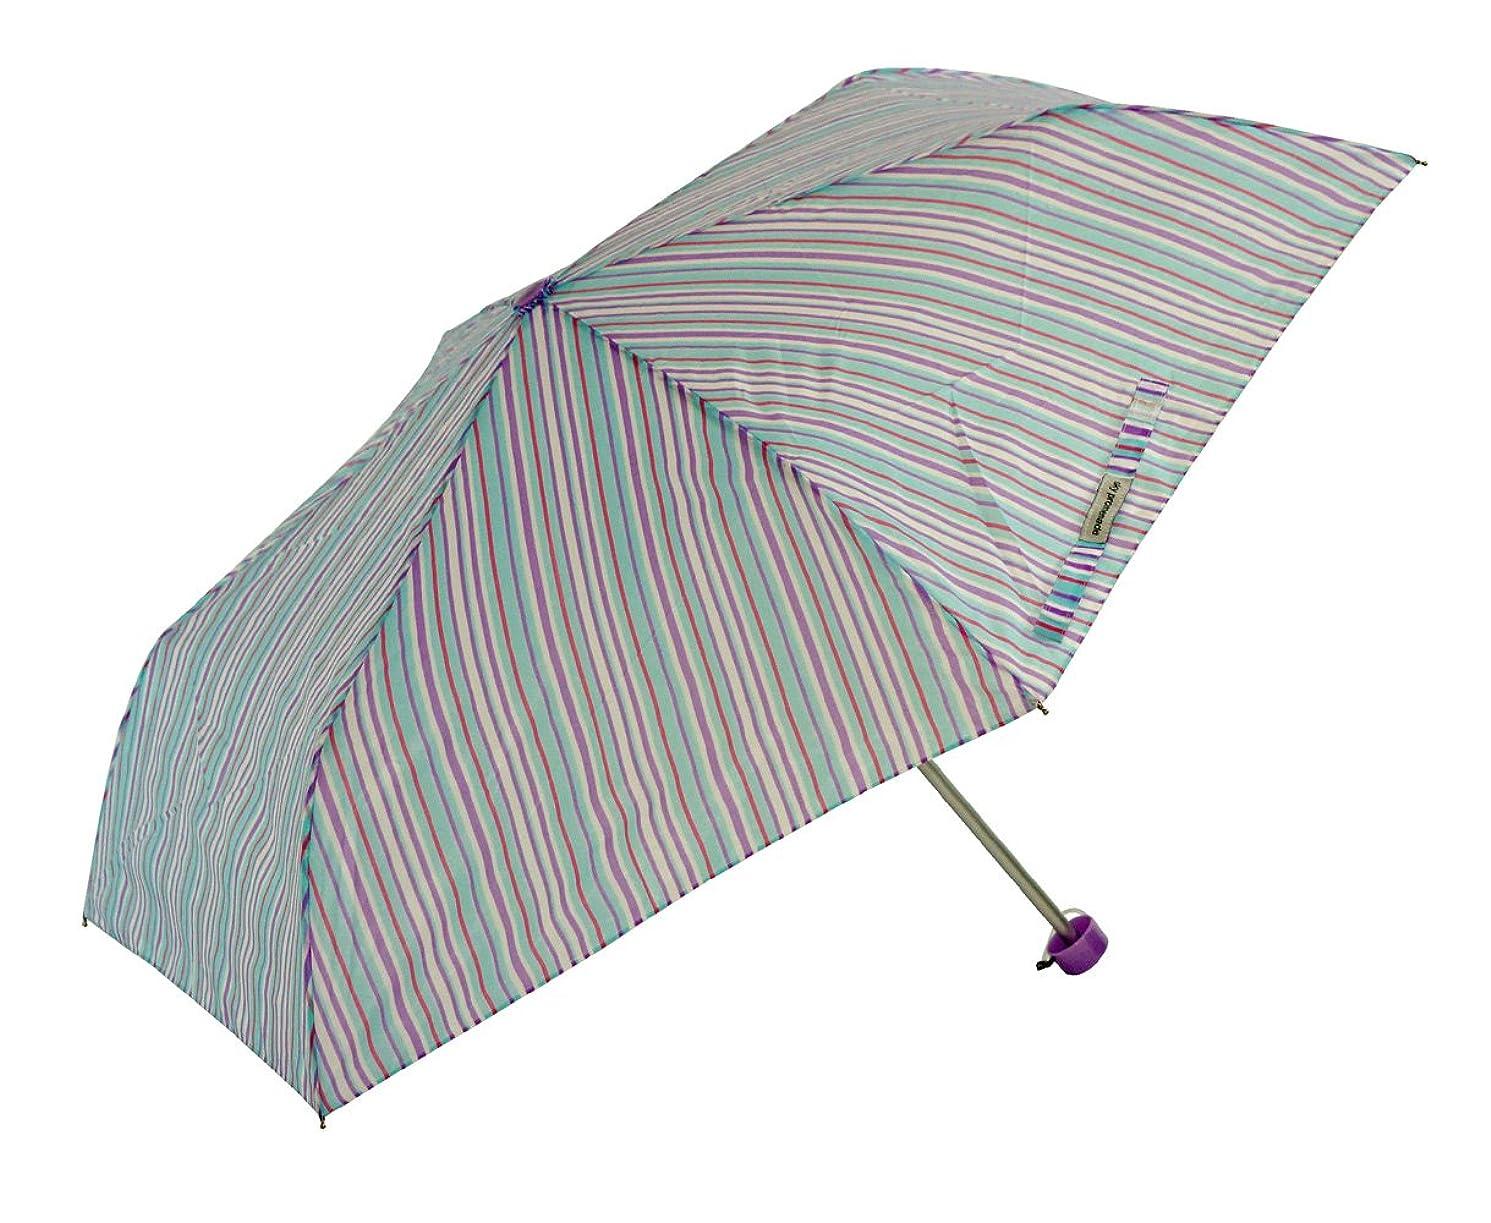 首相パットアンタゴニストアテイン 婦人用 軽量楽々3段折畳傘 親骨50cm マルチカラーストライプ パープル 5152